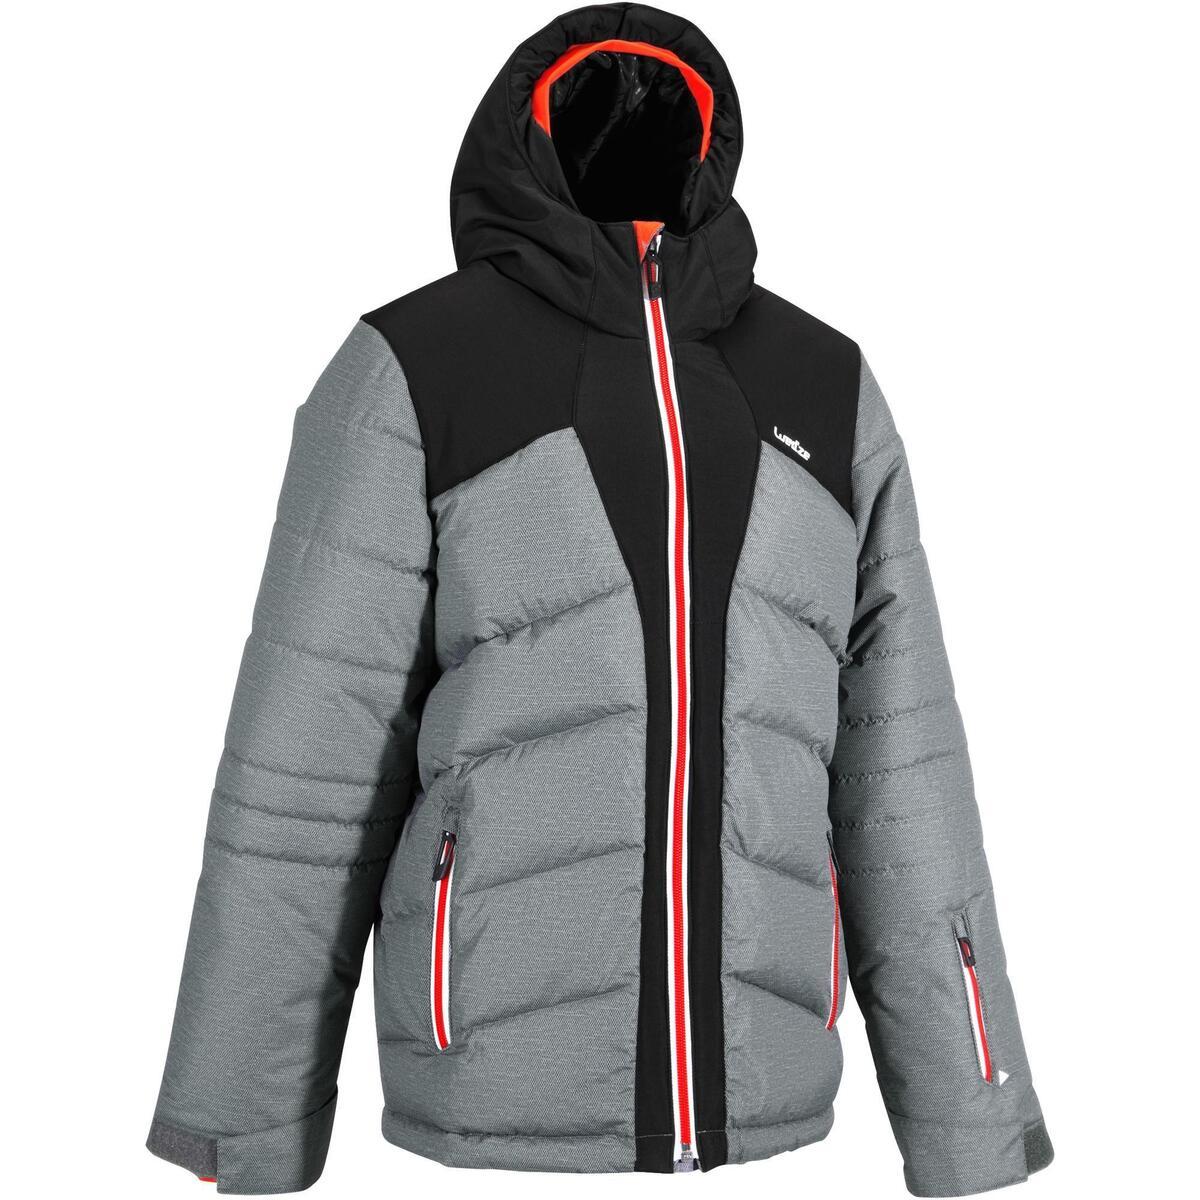 Bild 1 von Skijacke Warm 500 Kinder grau/schwarz